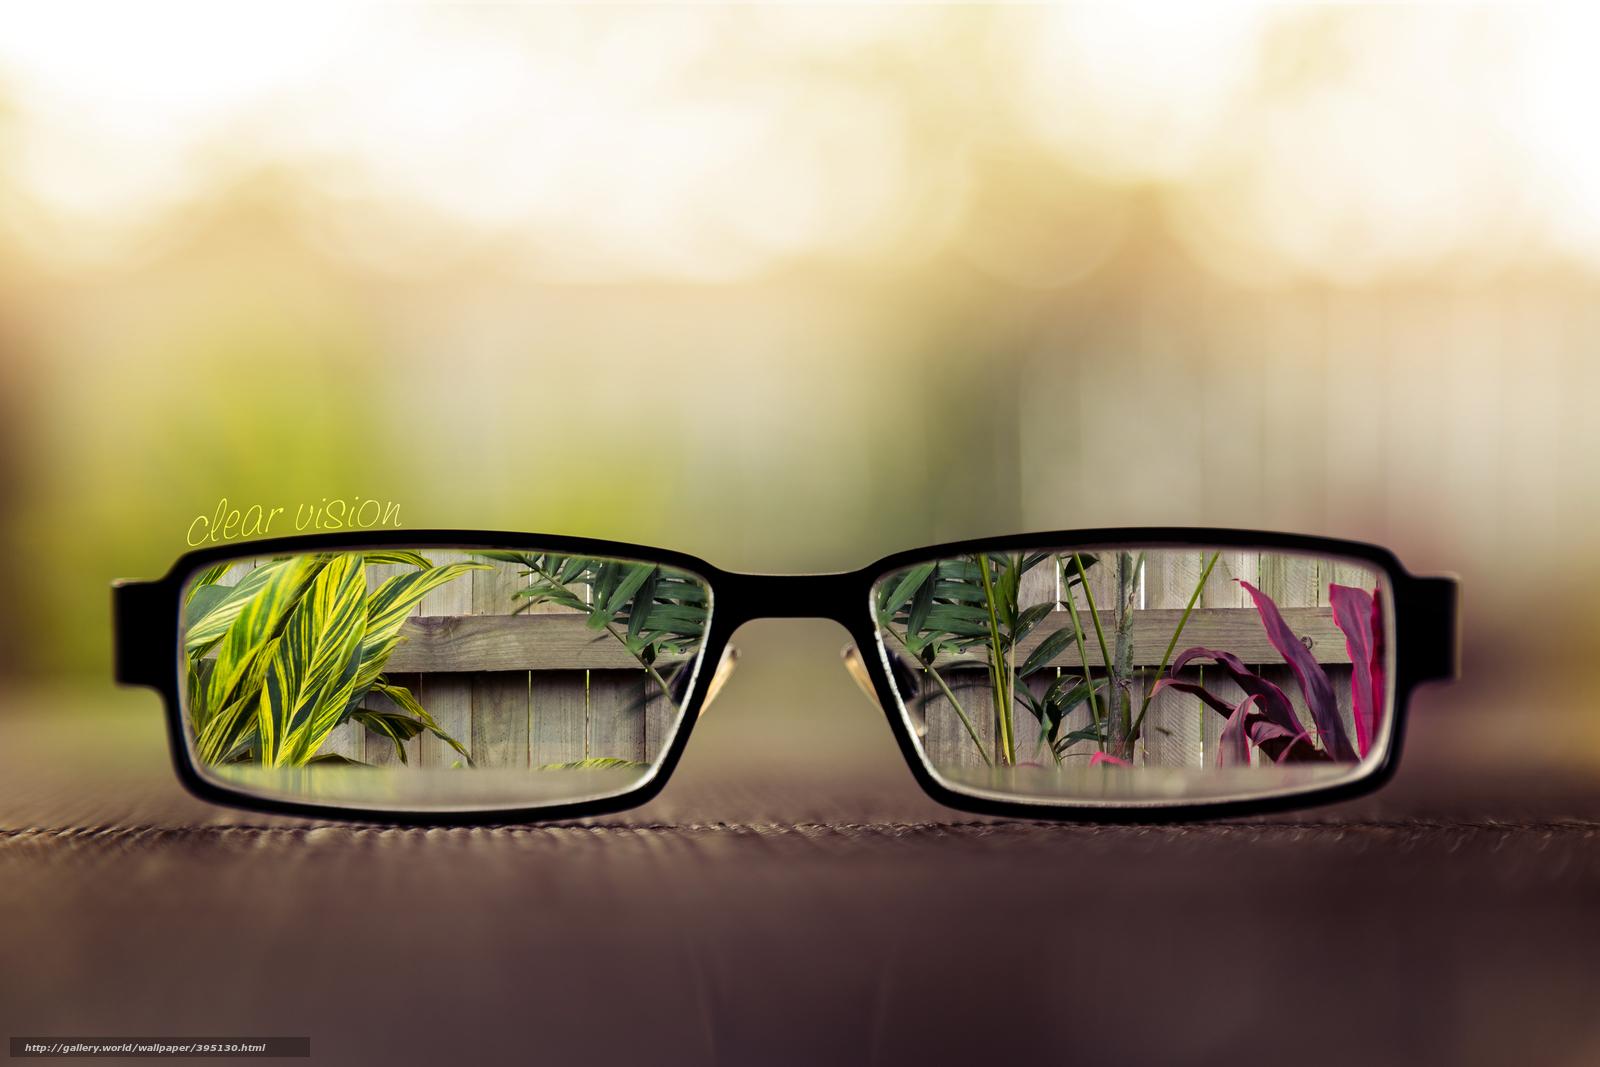 Tlcharger Fond d'ecran table,  lunettes,  Lentilles,  clture Fonds d'ecran gratuits pour votre rsolution du bureau 5760x3840 — image №395130